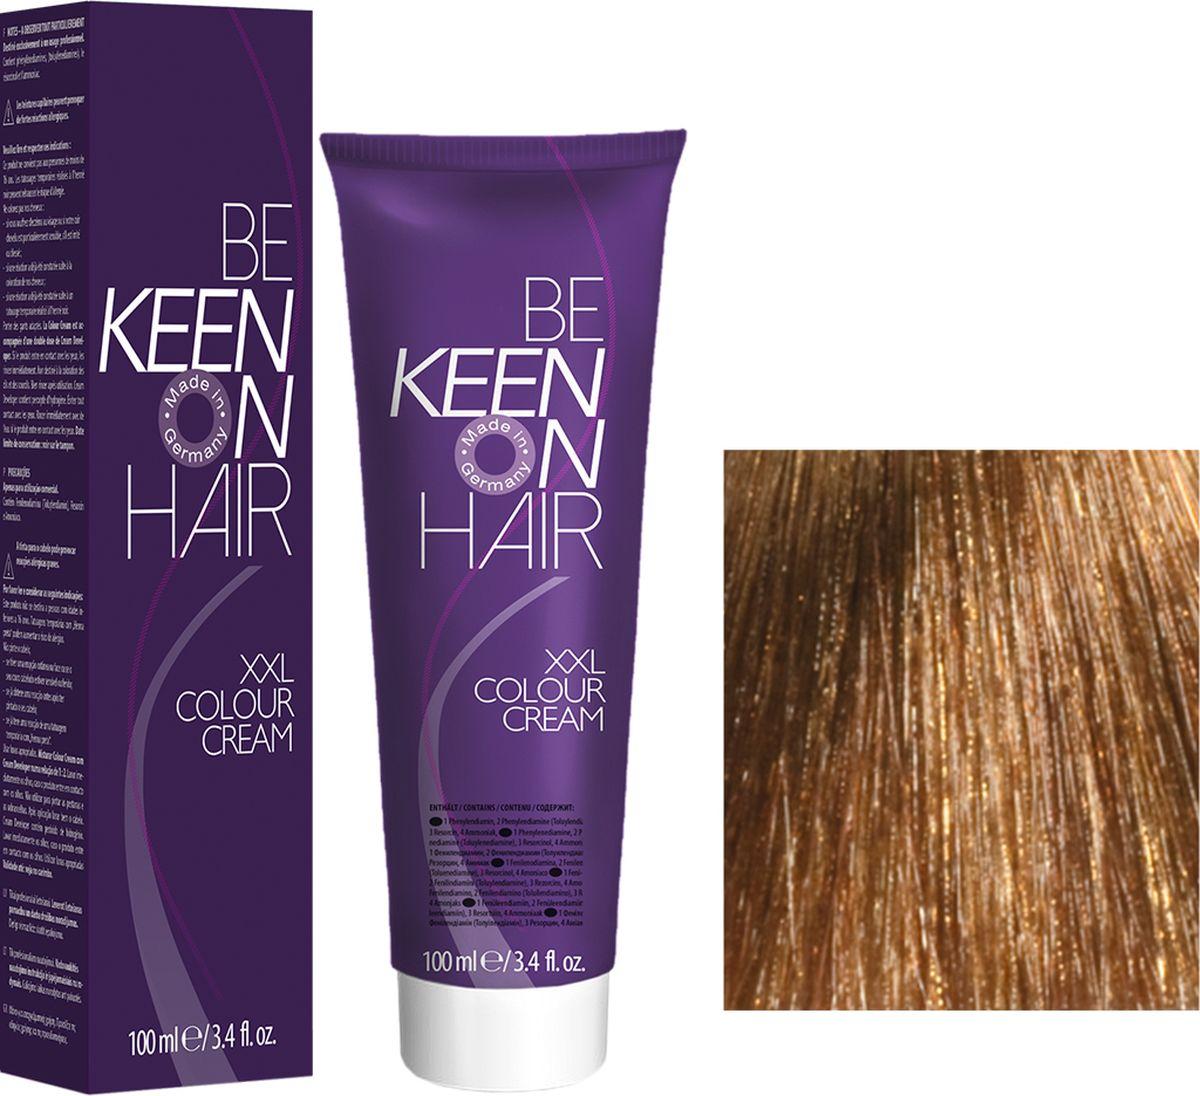 Keen Краска для волос 9.73 Имбирь Ingwer, 100 мл213-1-52Модные оттенкиБолее 100 оттенков для креативной комбинации цветов.ЭкономичностьПри использовании тюбика 100 мл вы получаете оптимальное соотношение цены и качества!УходМолочный белок поддерживает структуру волоса во время окрашивания и придает волосам блеск и шелковистость. Протеины хорошо встраиваются в волосы и снабжают их влагой.